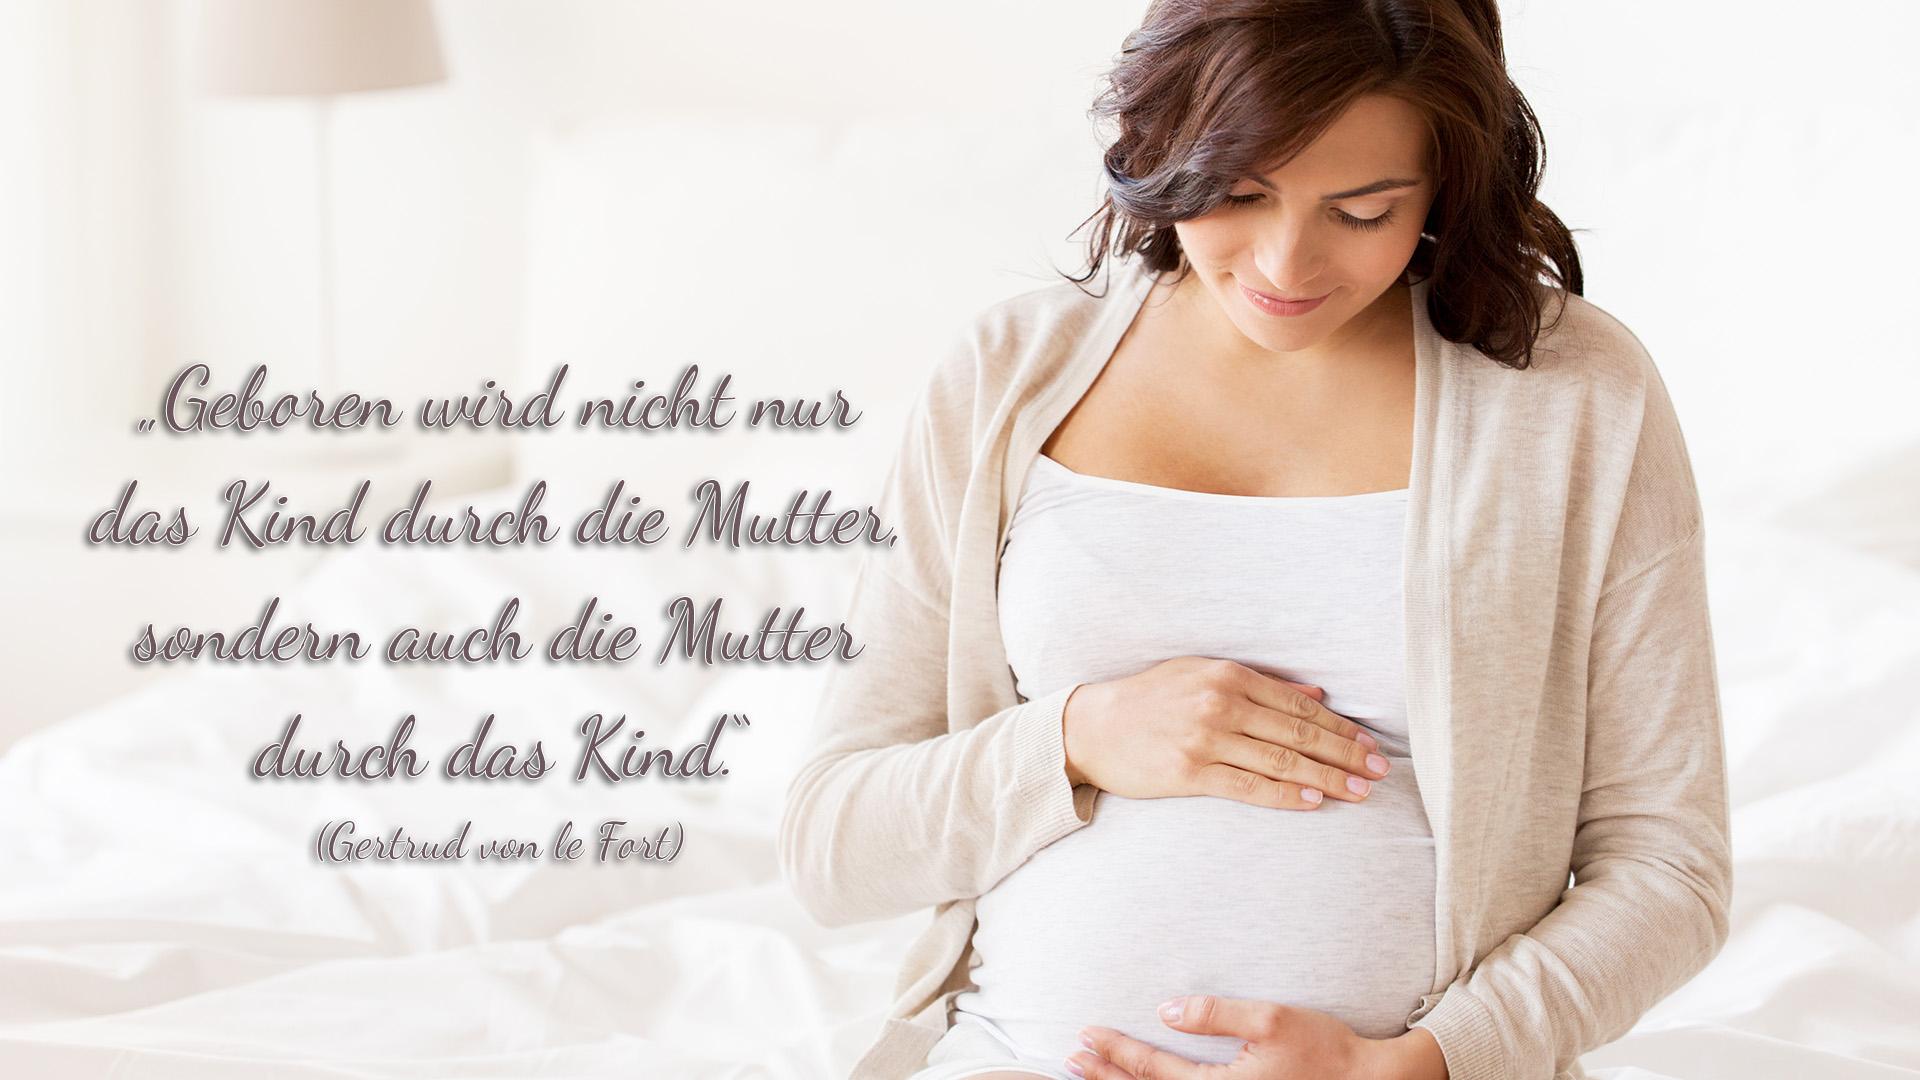 Geboren wird nicht nur das Kind durch die Mutter, sondern auch die Mutter durch das Kind. (Gertrud von le Fort)